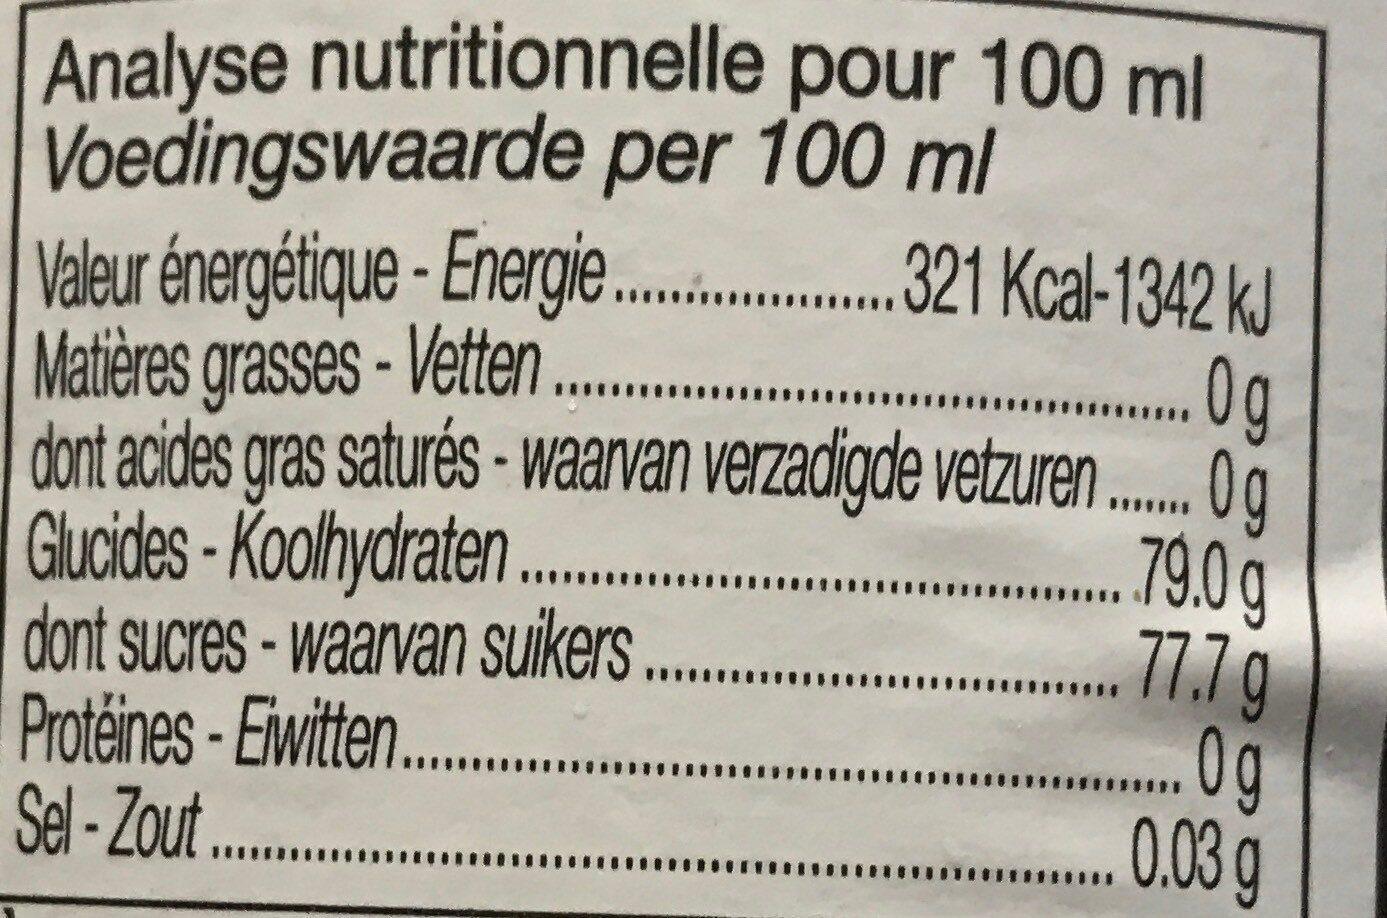 Sirop de Pêche blanche - Informations nutritionnelles - fr